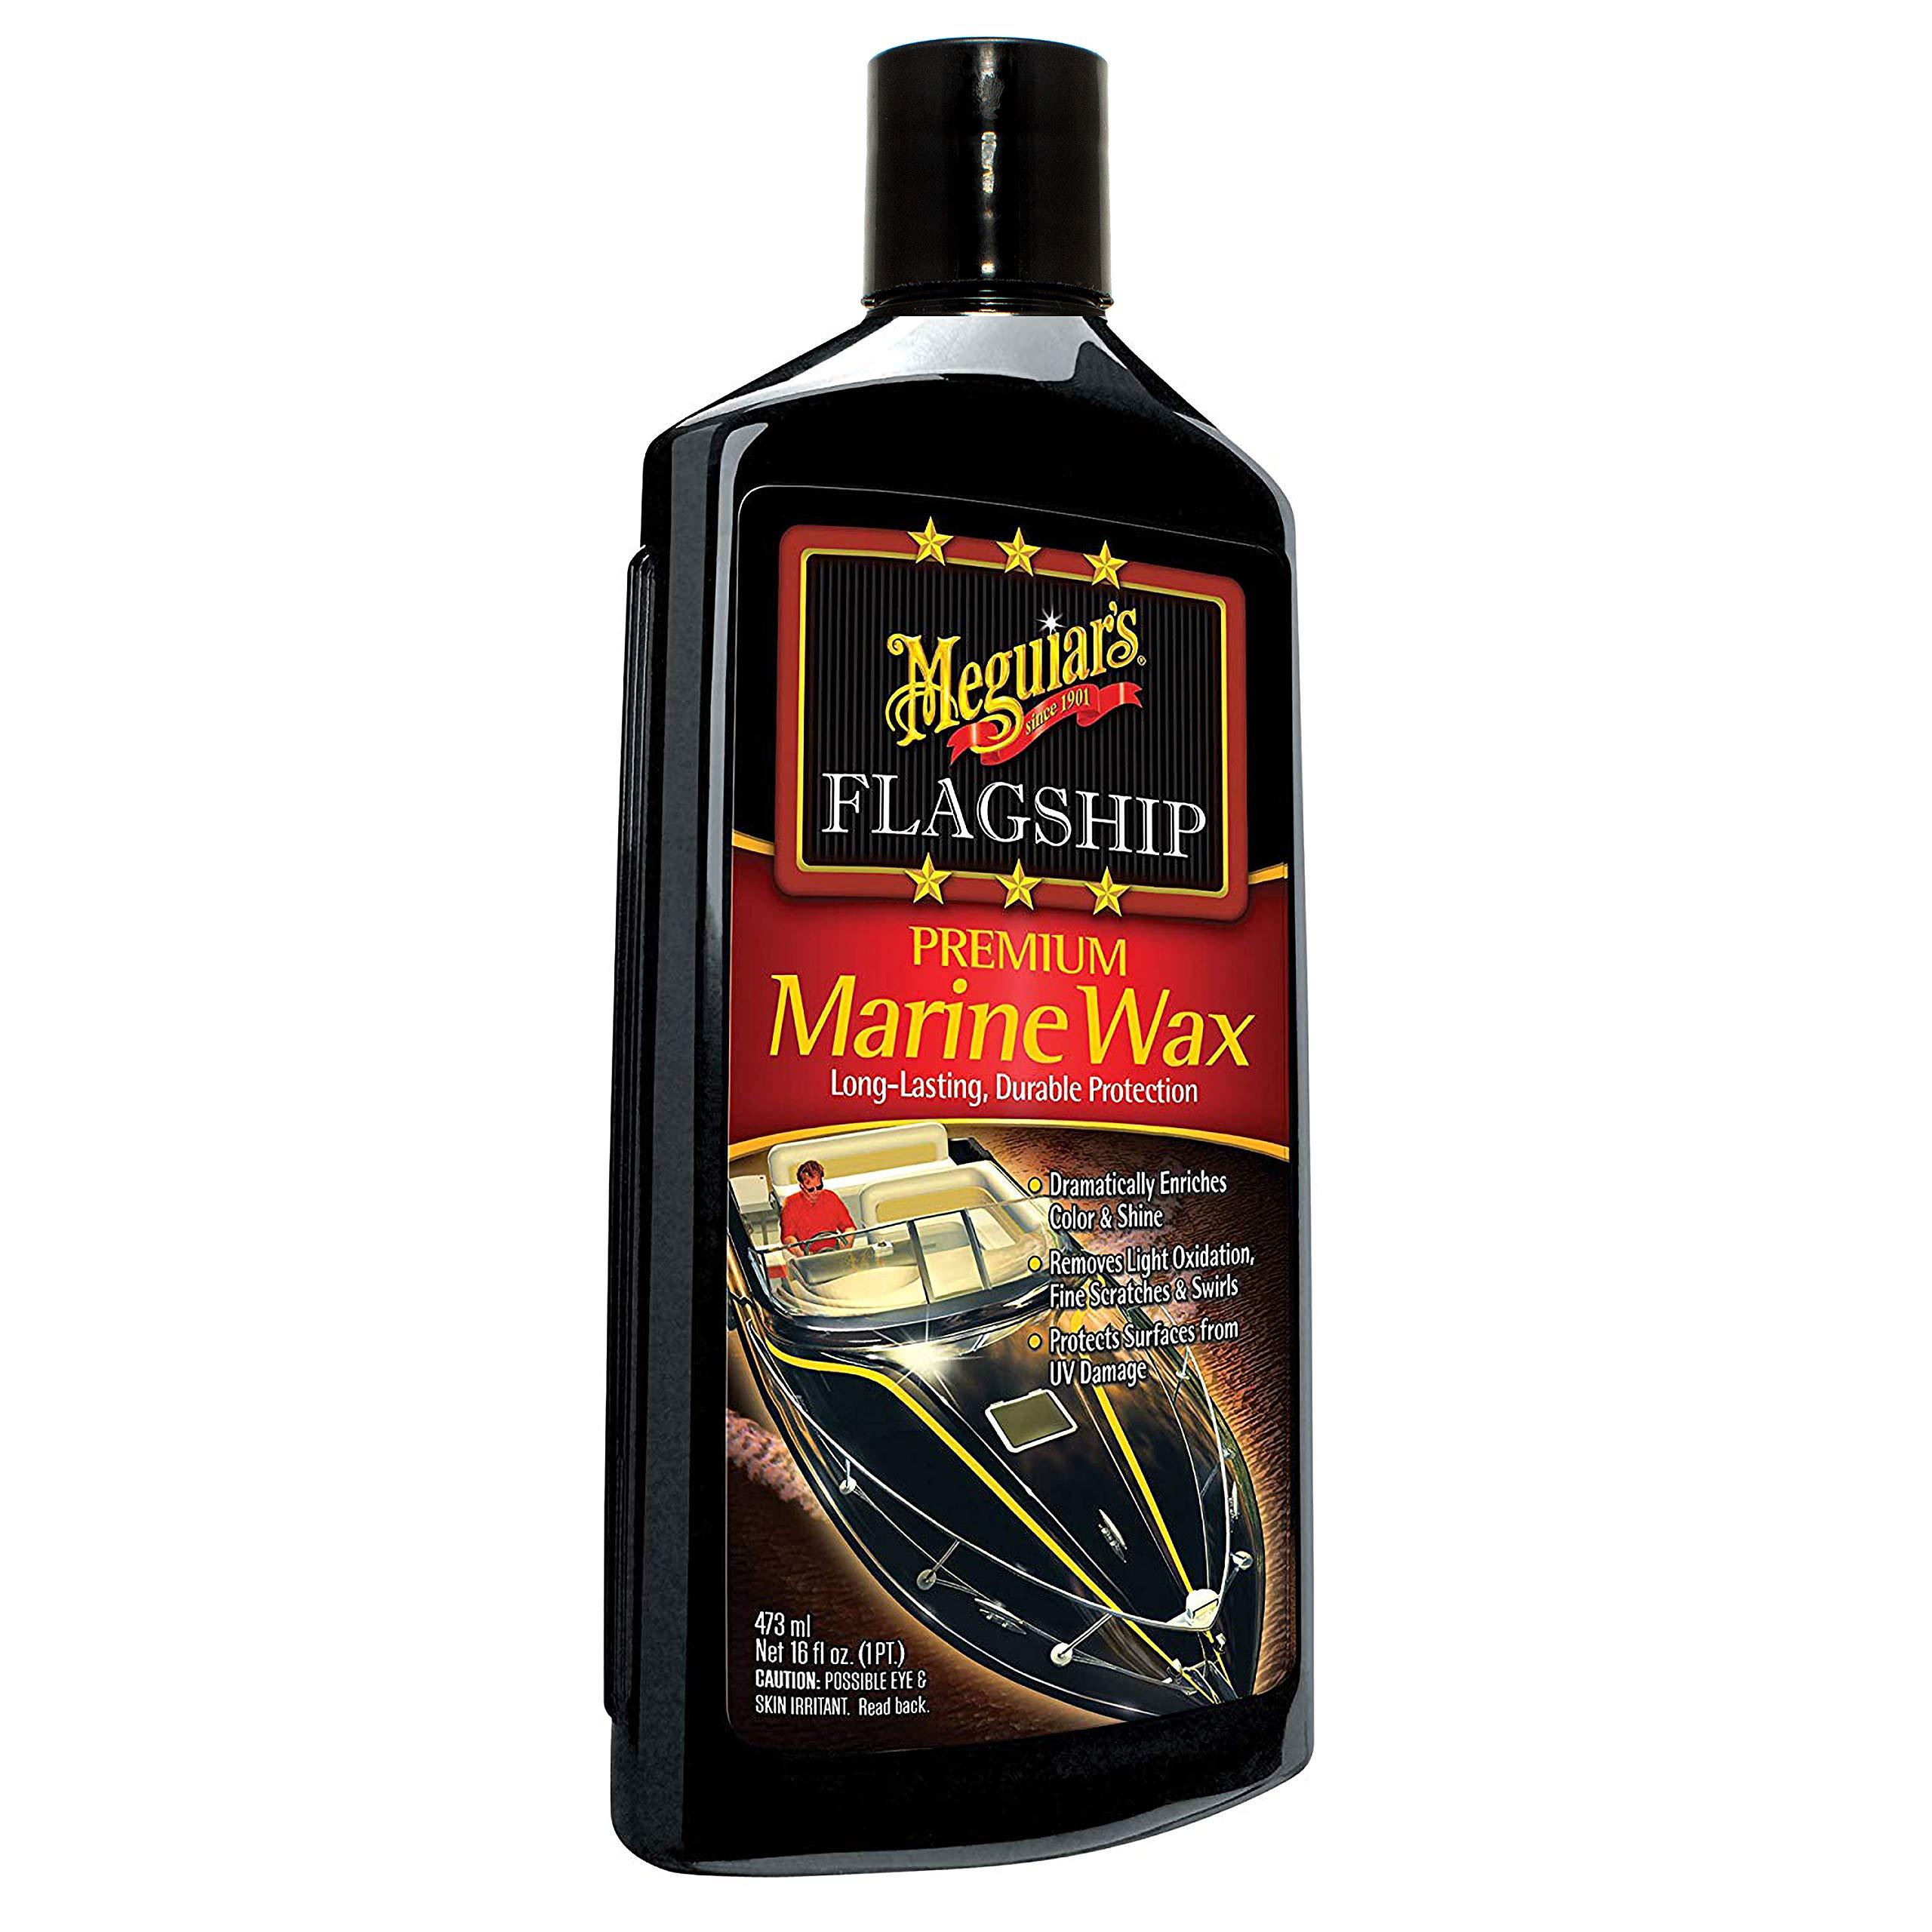 Meguiars M 6316 Marine Wax Fluid_Ounces